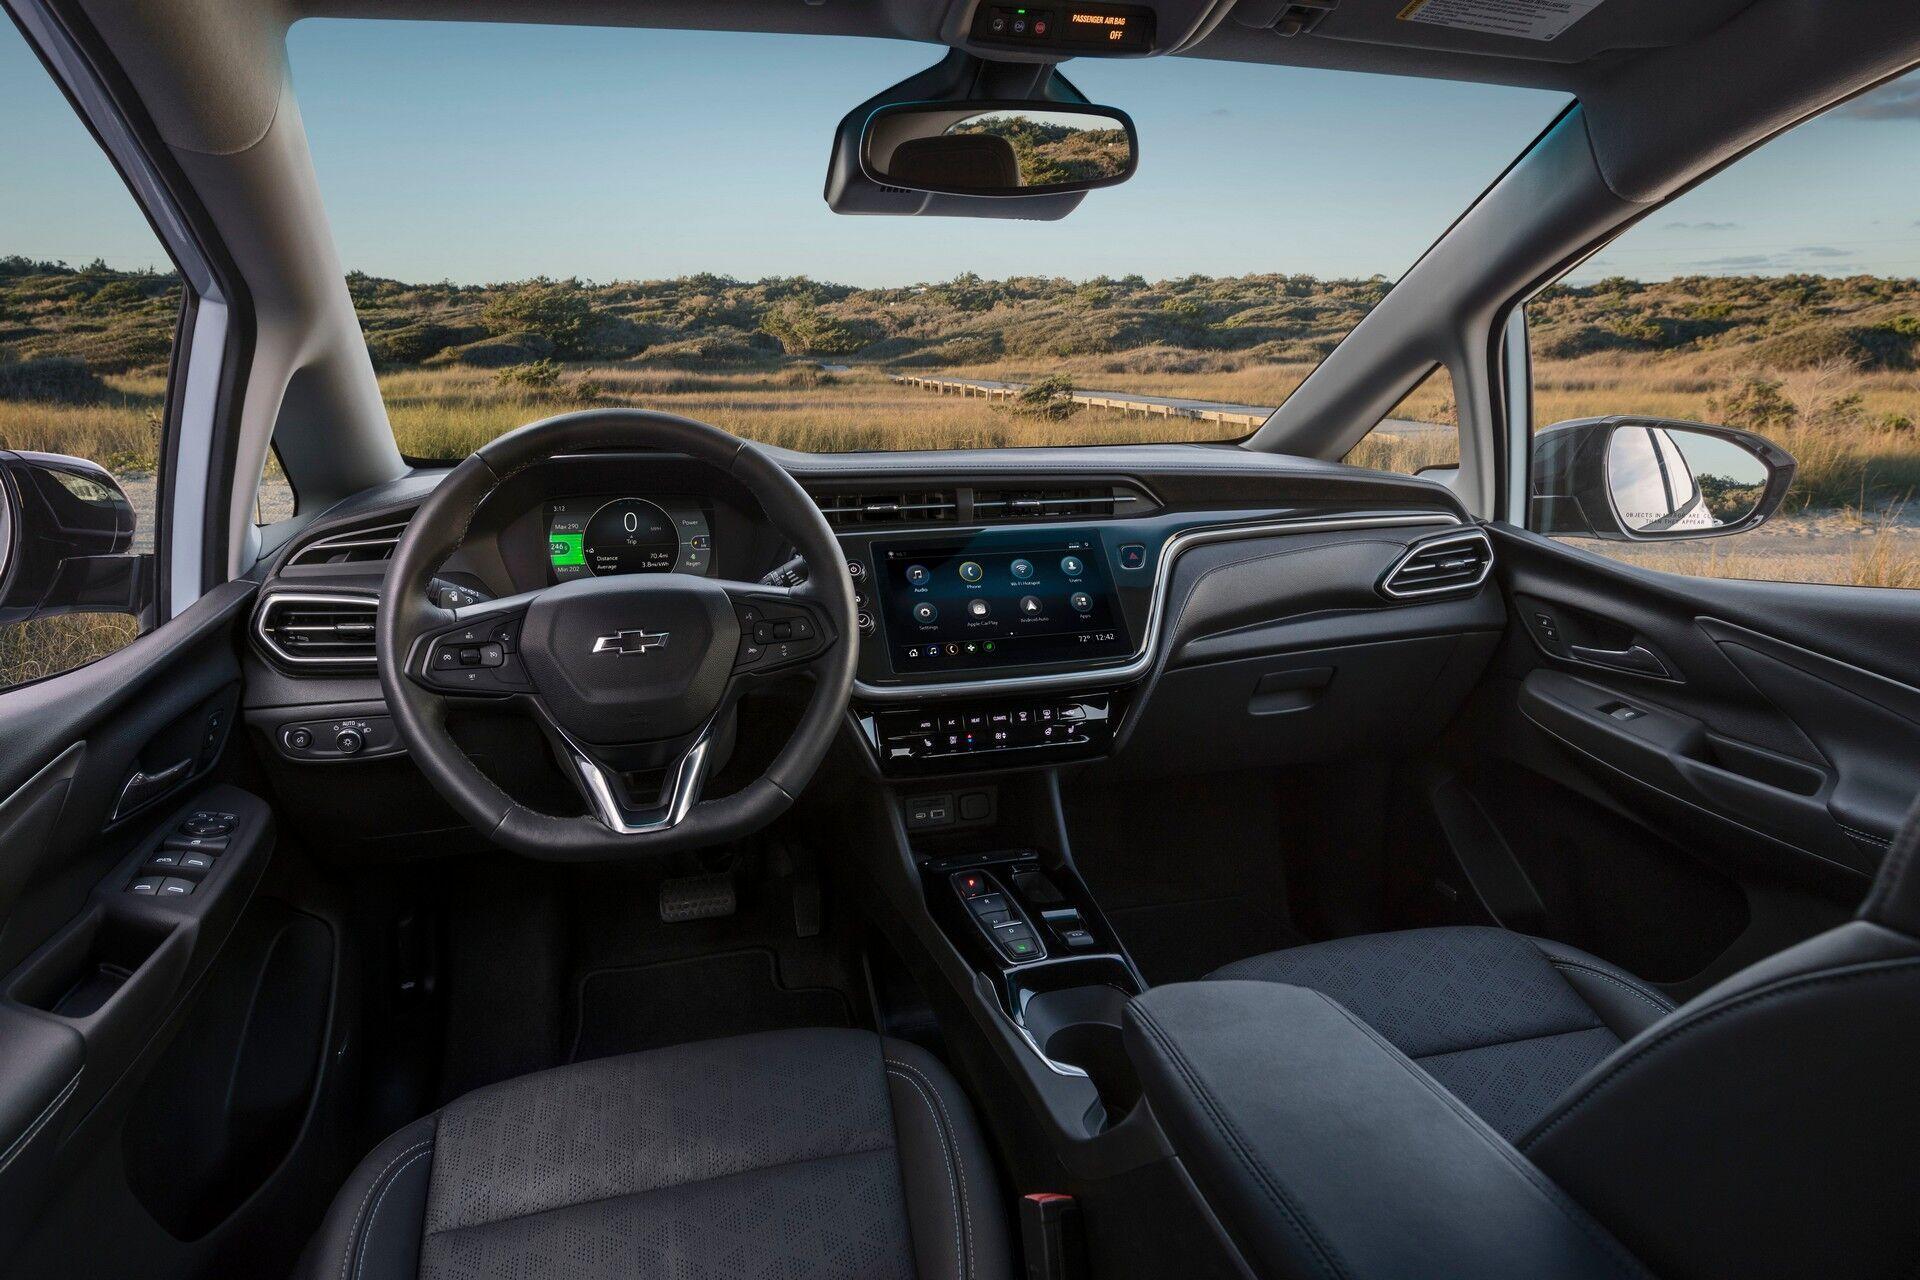 В салоне появился новый руль, приборная панель с 8-дюймовой цифровой шкалой и блок управления режимами работы трансмиссии